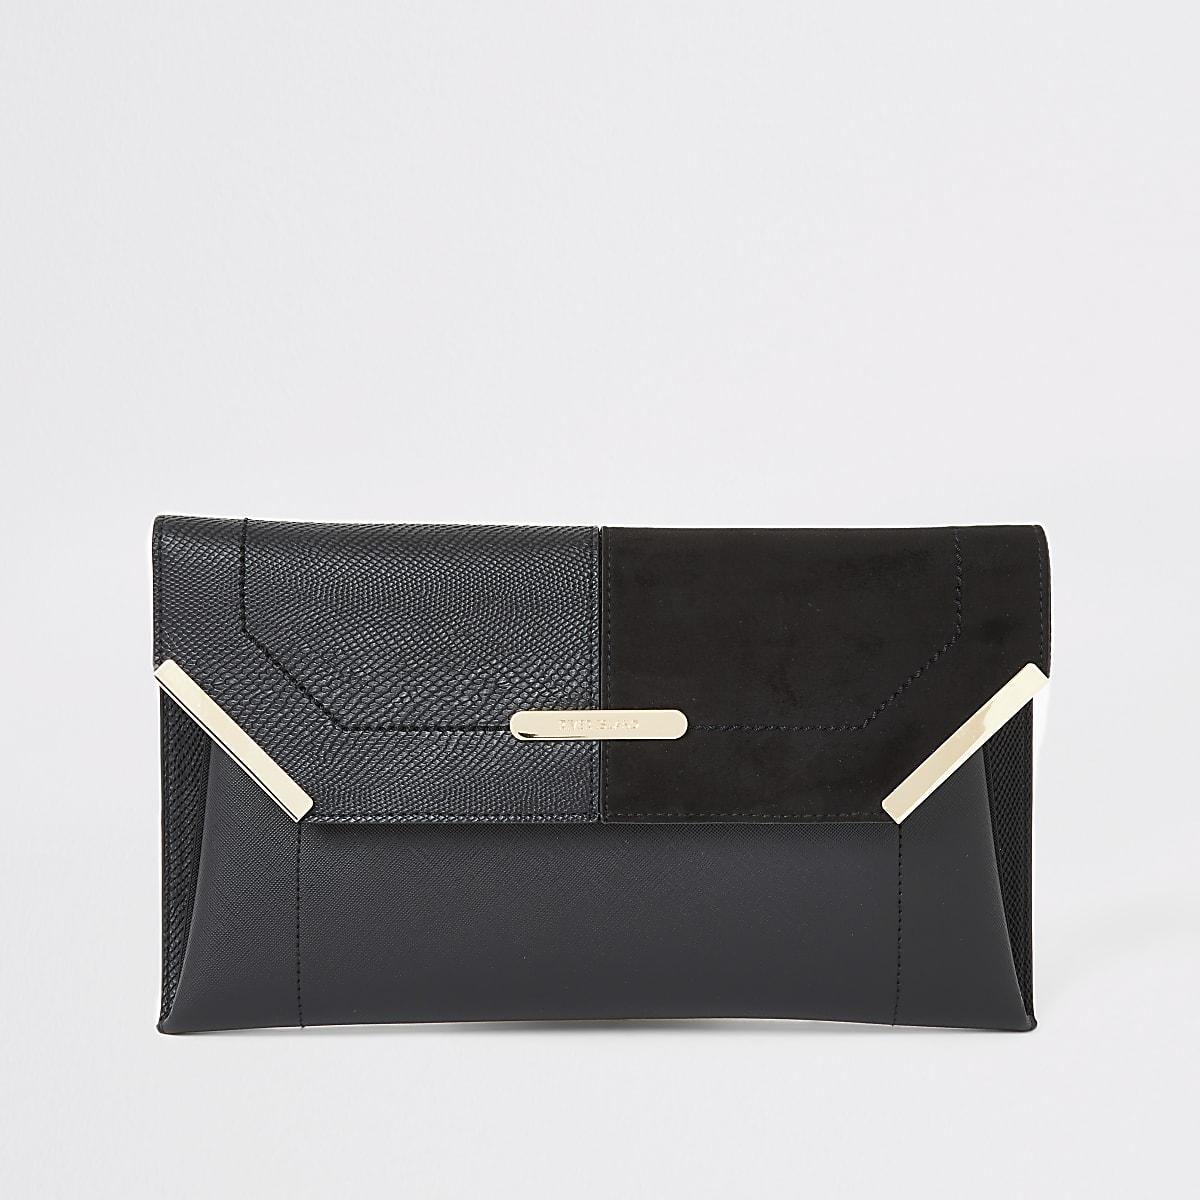 Zwarte clutch met envelopsluiting